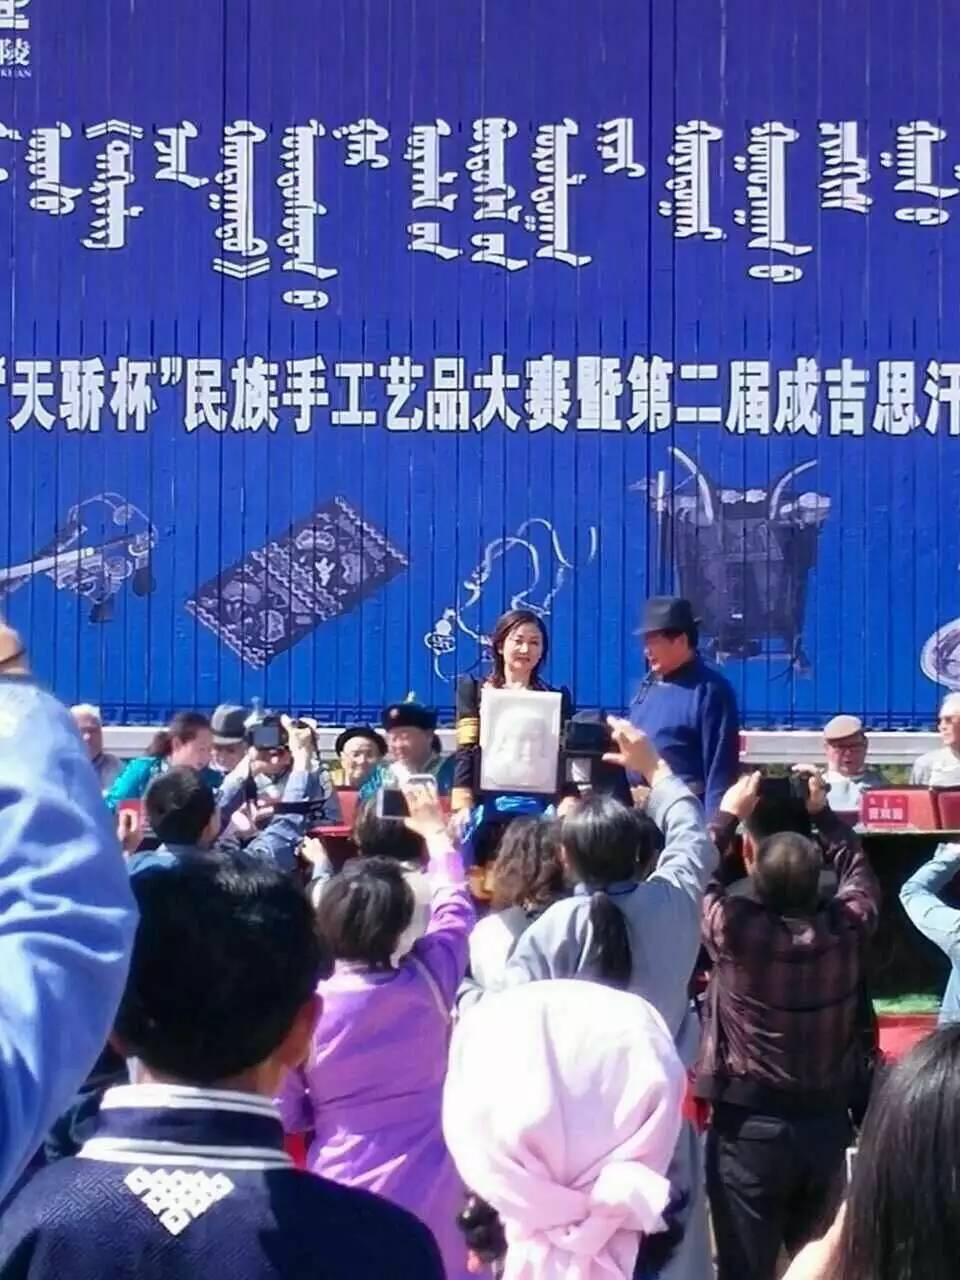 【蒙古人】民族文化人士——春亮(哈博尔) 第14张 【蒙古人】民族文化人士——春亮(哈博尔) 蒙古文化